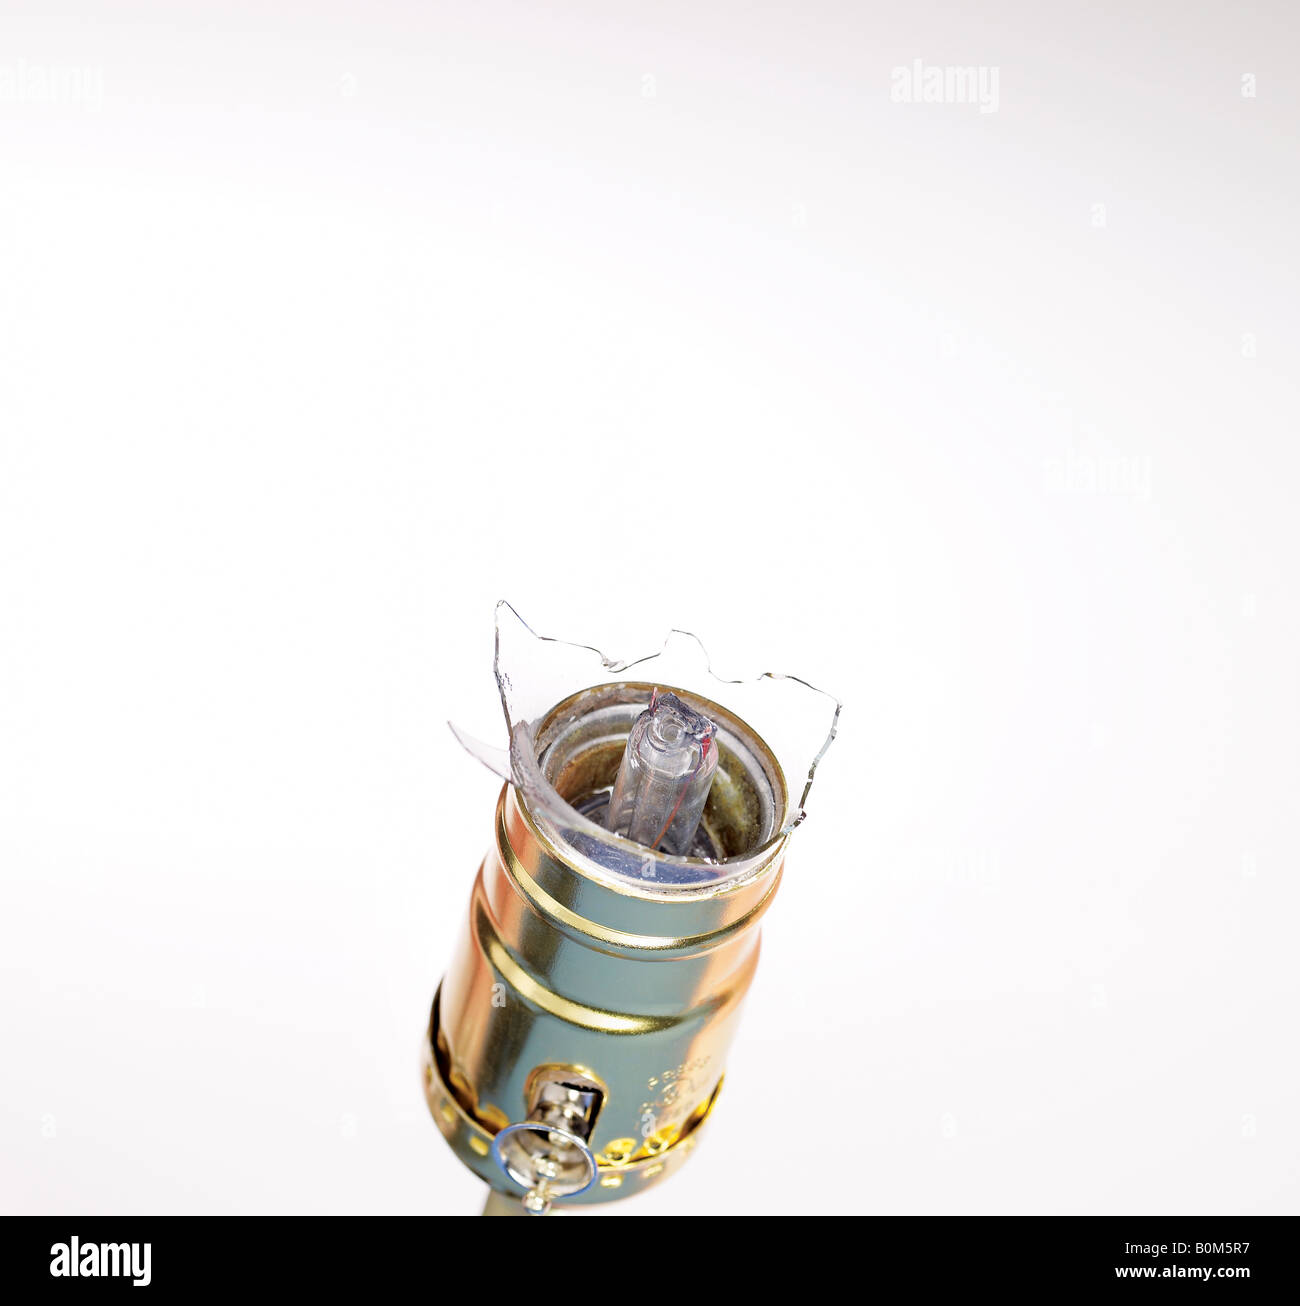 Broken lightbulb in the socket against white background - Stock Image